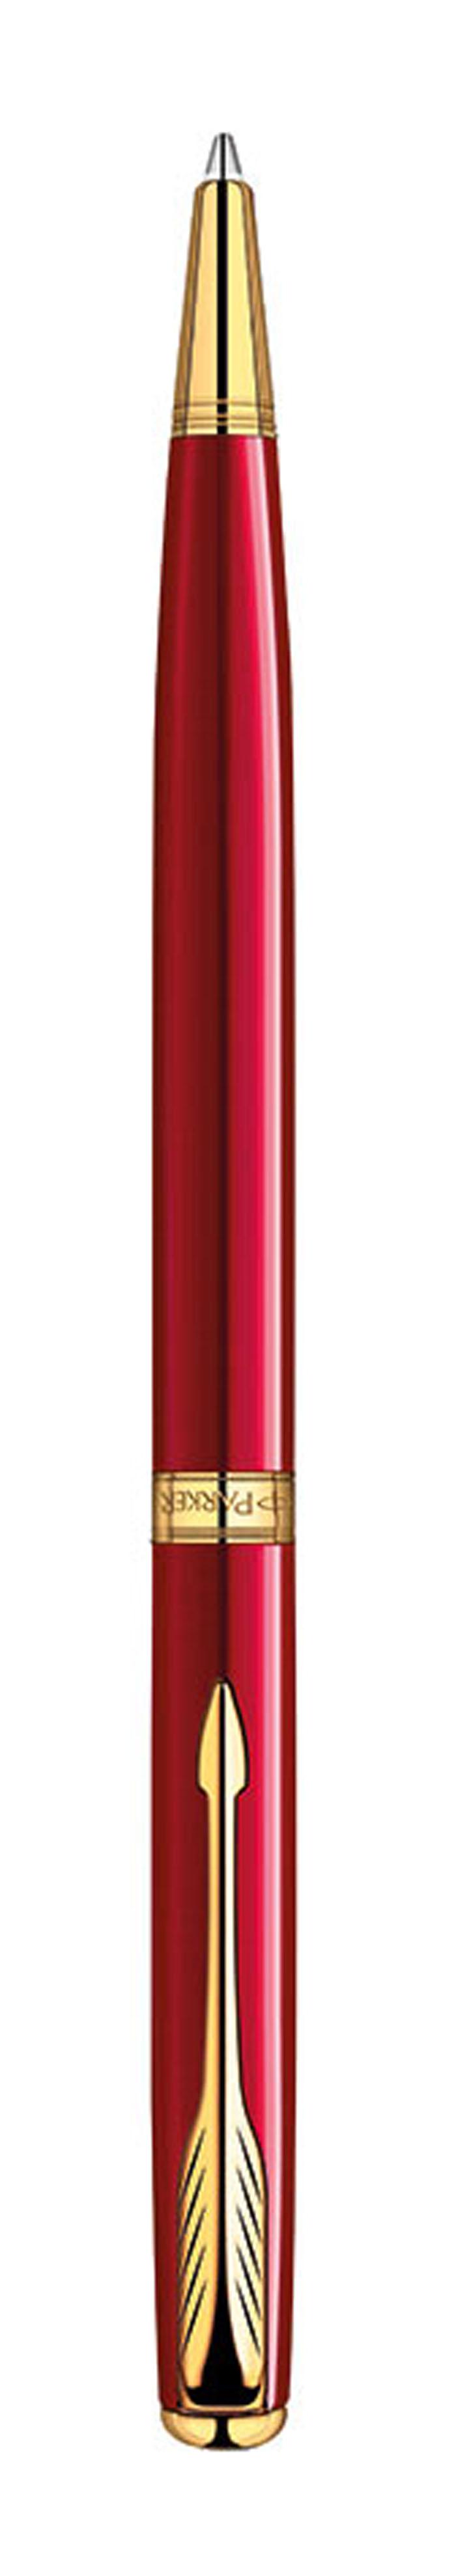 Ручка шариковая Sonnet Slim Laque Red GT. PARKER-S1859473PARKER-S1859473Ручка шариковая «Паркер Соннет Слим Рэд Джи Ти». Чернила черного цвета, линия письма – тонкая, в подарочной упаковке. Произведено во Франции.